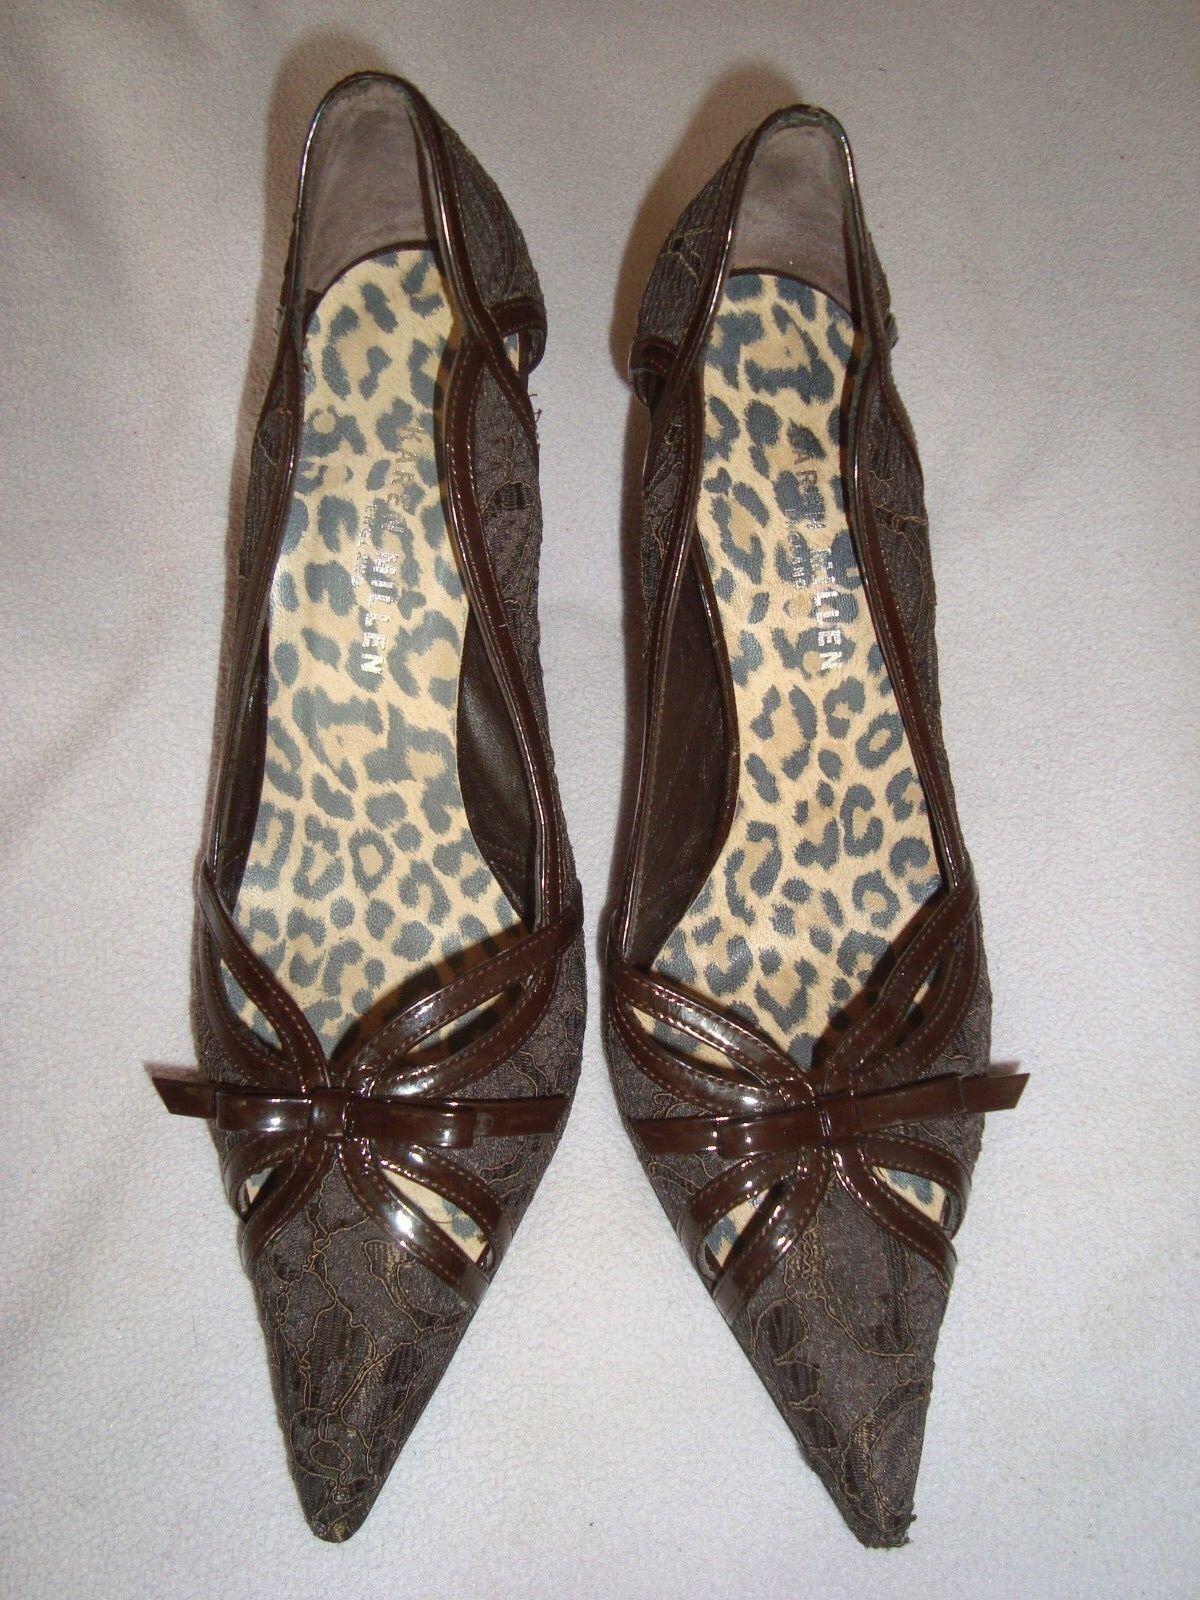 Karen Millen Marrón Encaje Zapatos De De Zapatos Charol/ .00 06f2ec